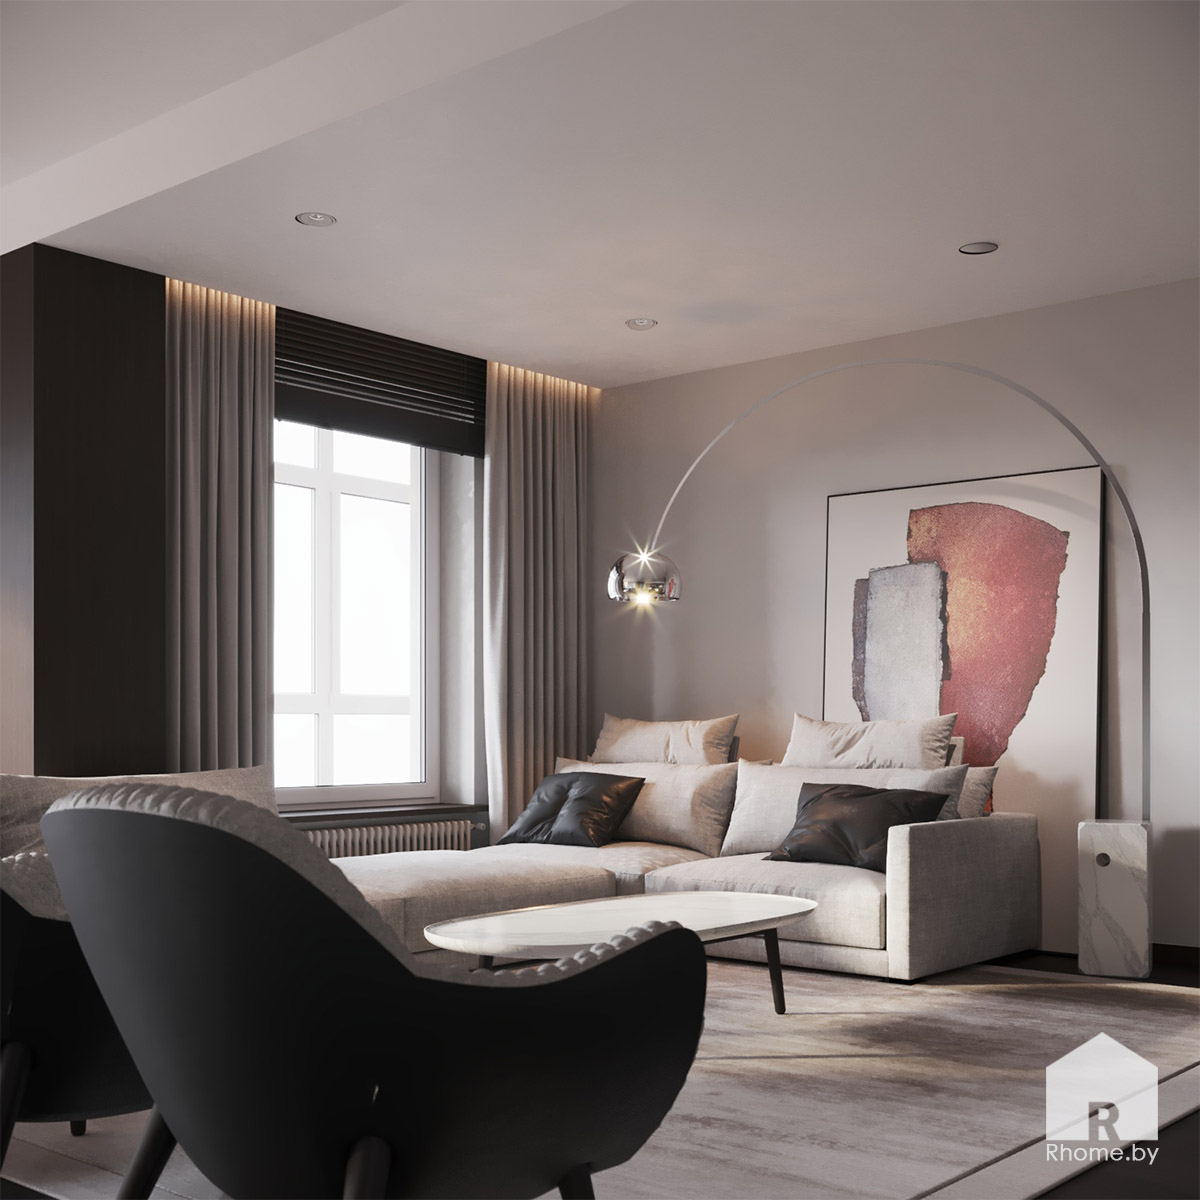 Дизайн интерьера гостиной в квартире на улице Сторожевская | Дизайн студия – Rhome.by